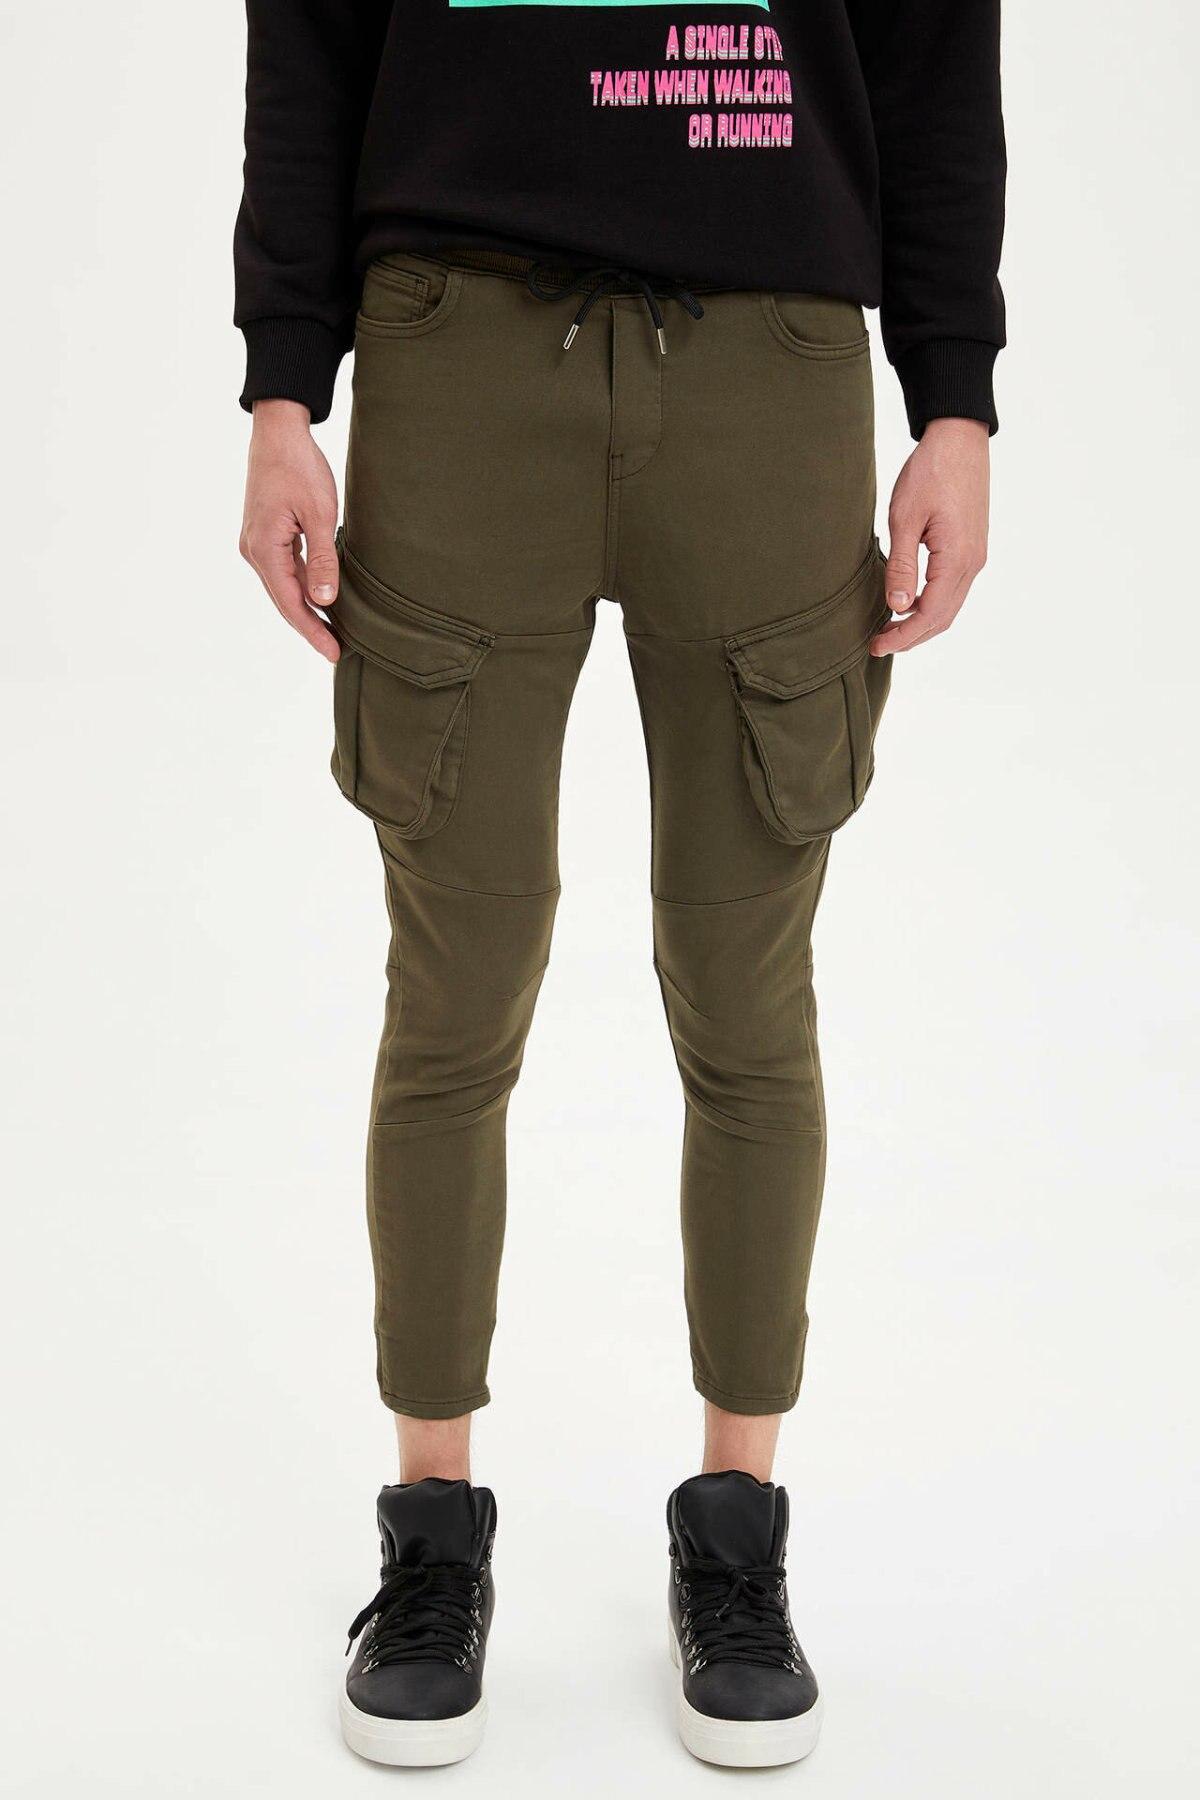 DeFacto Man Autumn Khaki Pencil Pants Men Fit Slim Ninth Pants Casual Bottom Trousers Male Mid-waist Long Pants-M5733AZ19AU